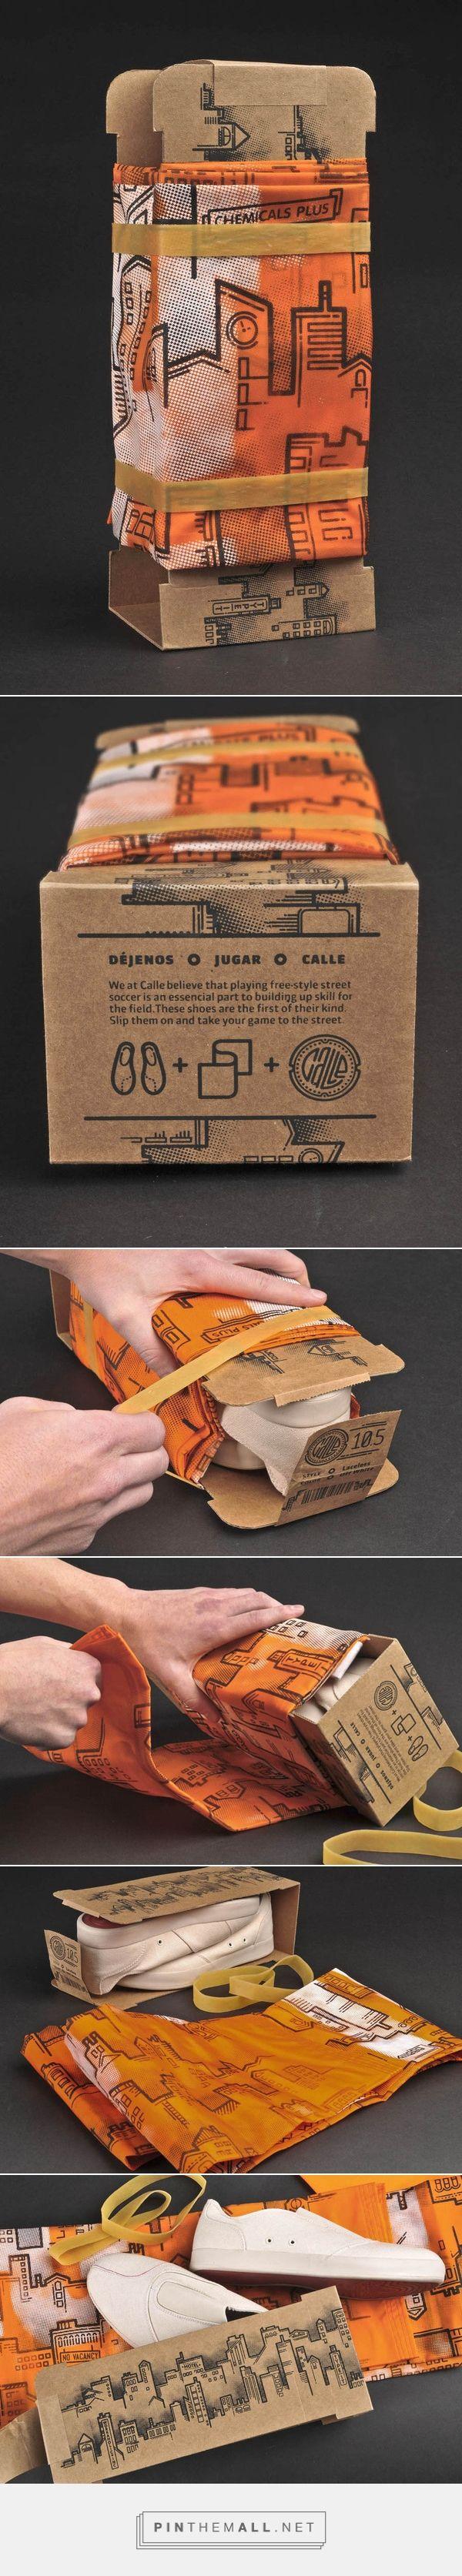 Calle - Street Soccer Shoe Packaging